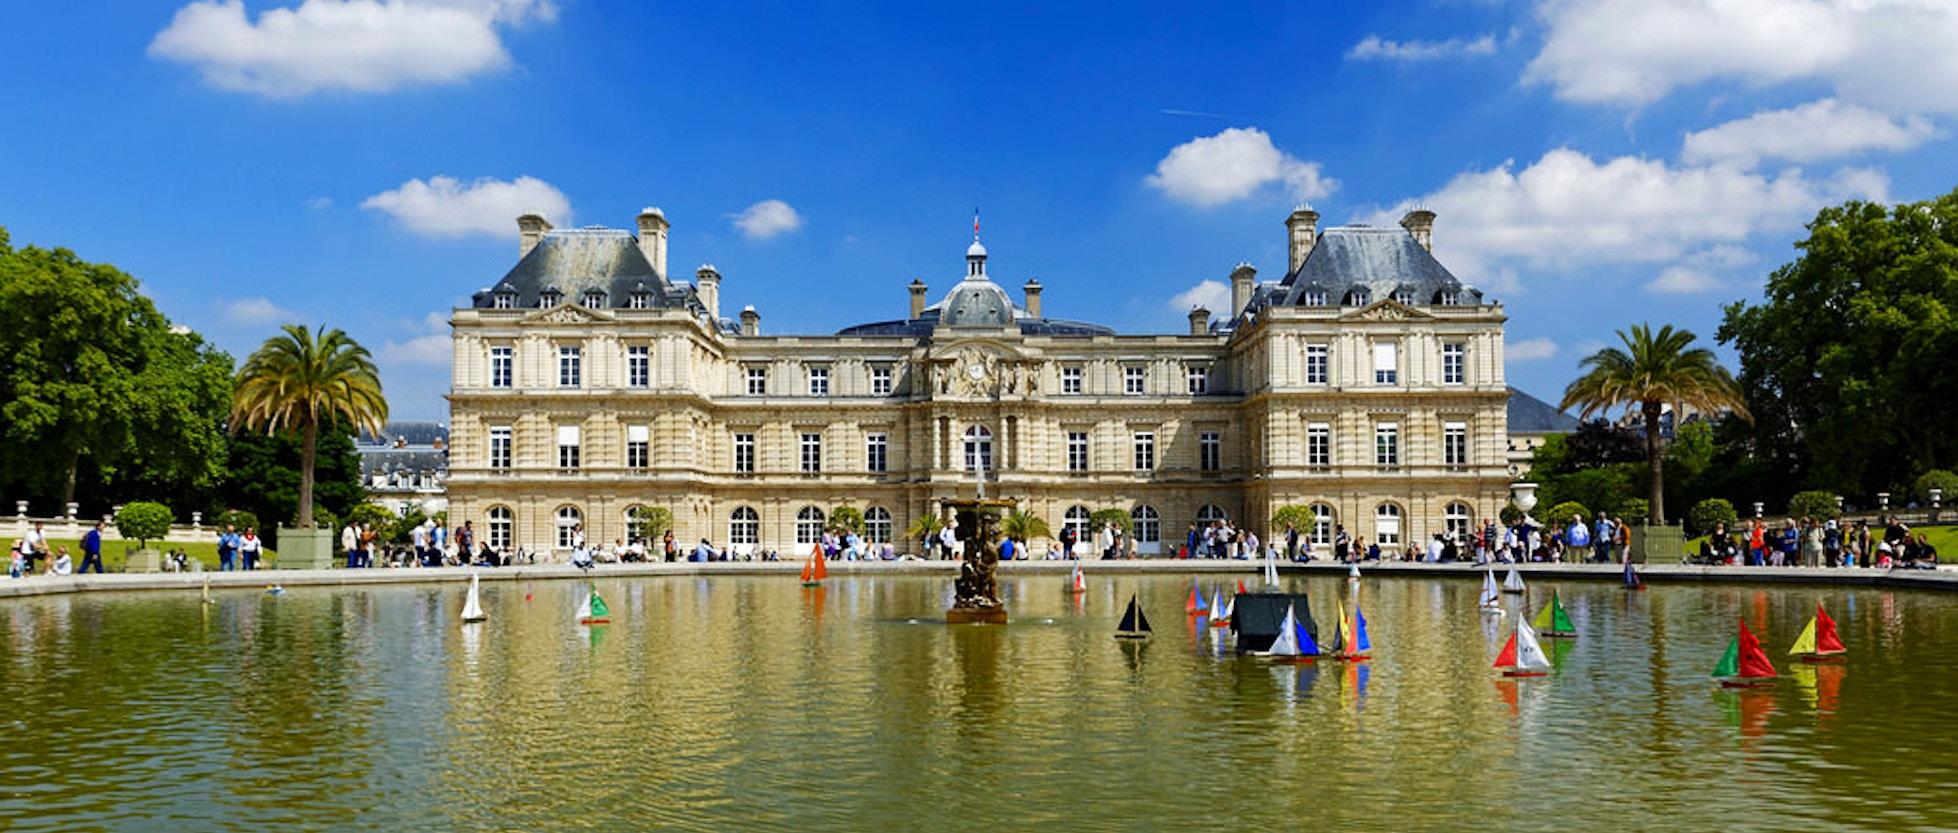 Il palazzo e i giardini di lussemburgo vivi parigi - Giardini foto immagini ...